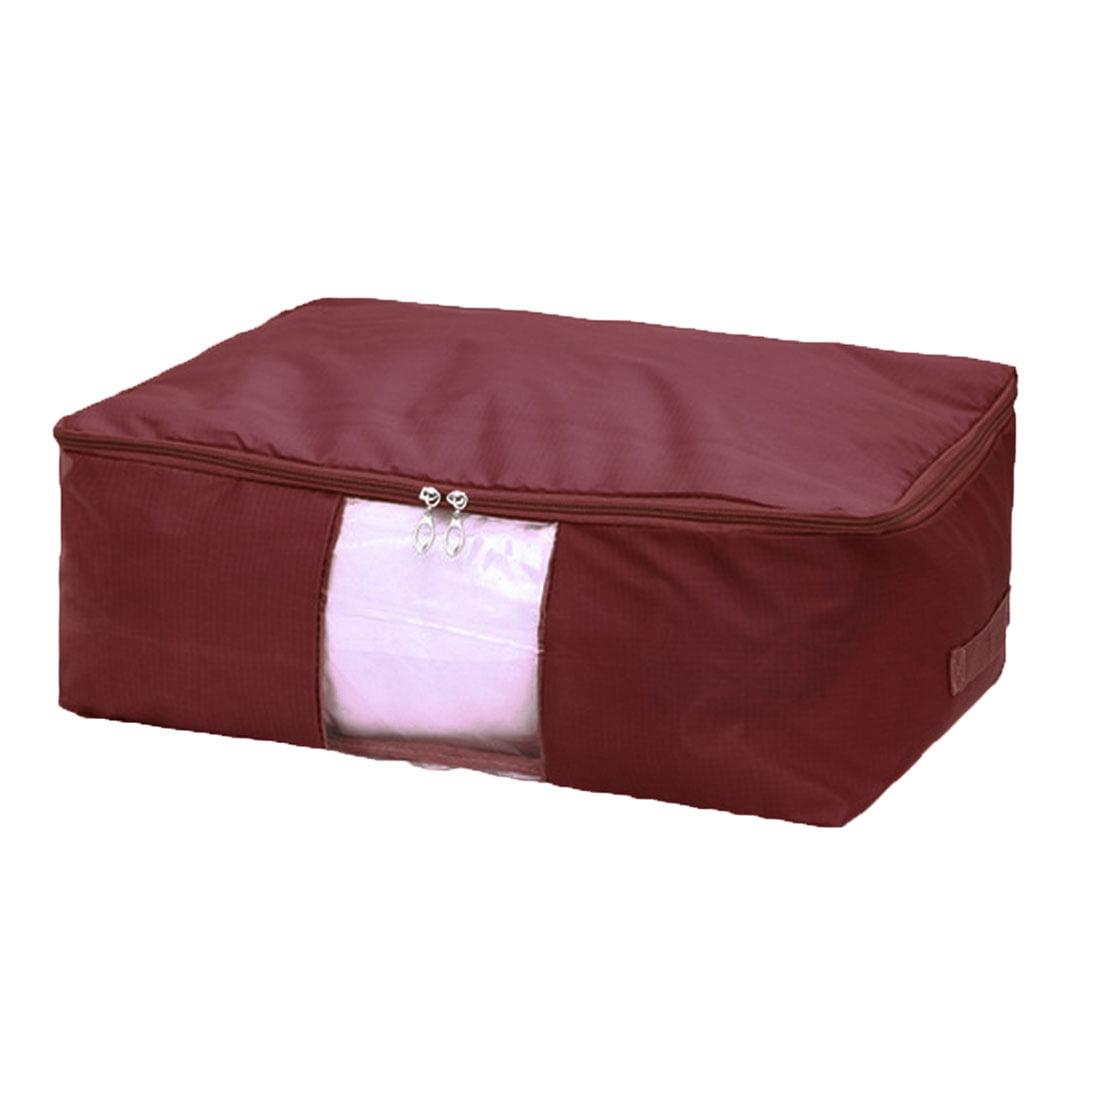 Blanket Pillows Quilt Clothes Beddings Storage Bag Organizer Burgundy 50x35x20cm by Unique-Bargains